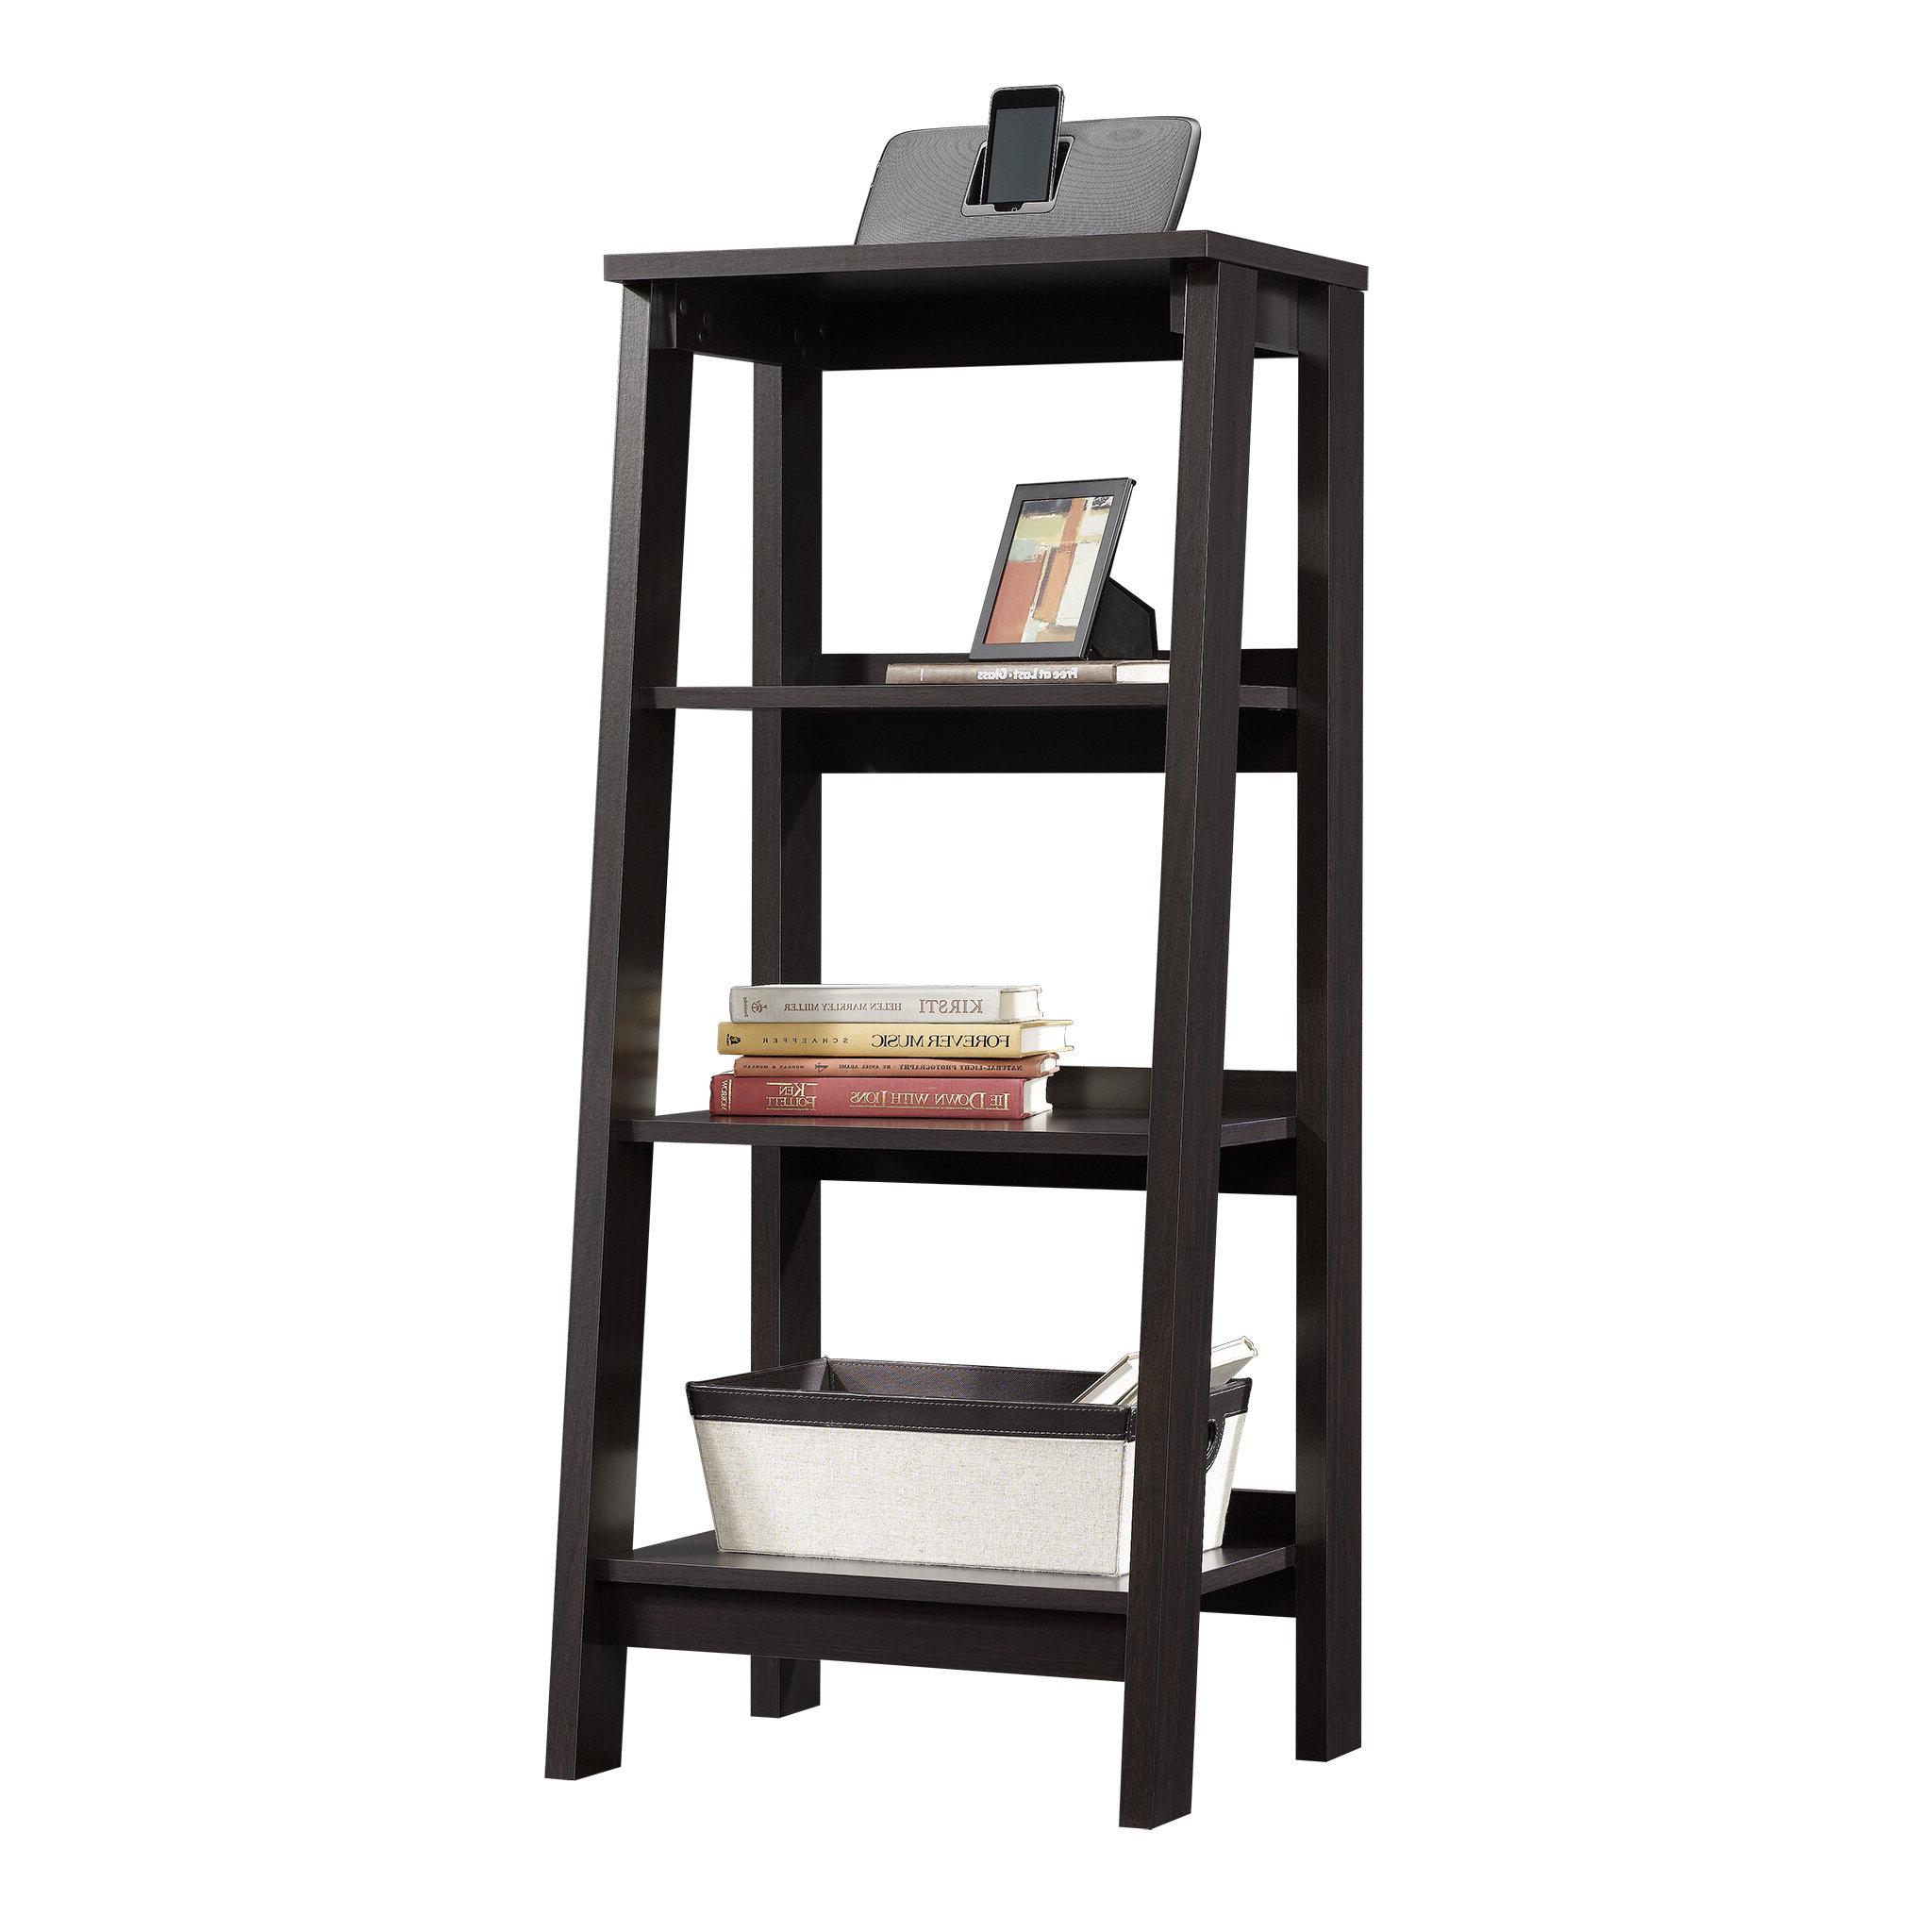 Massena Ladder Bookcase Throughout Most Recent Massena Ladder Bookcases (View 8 of 20)